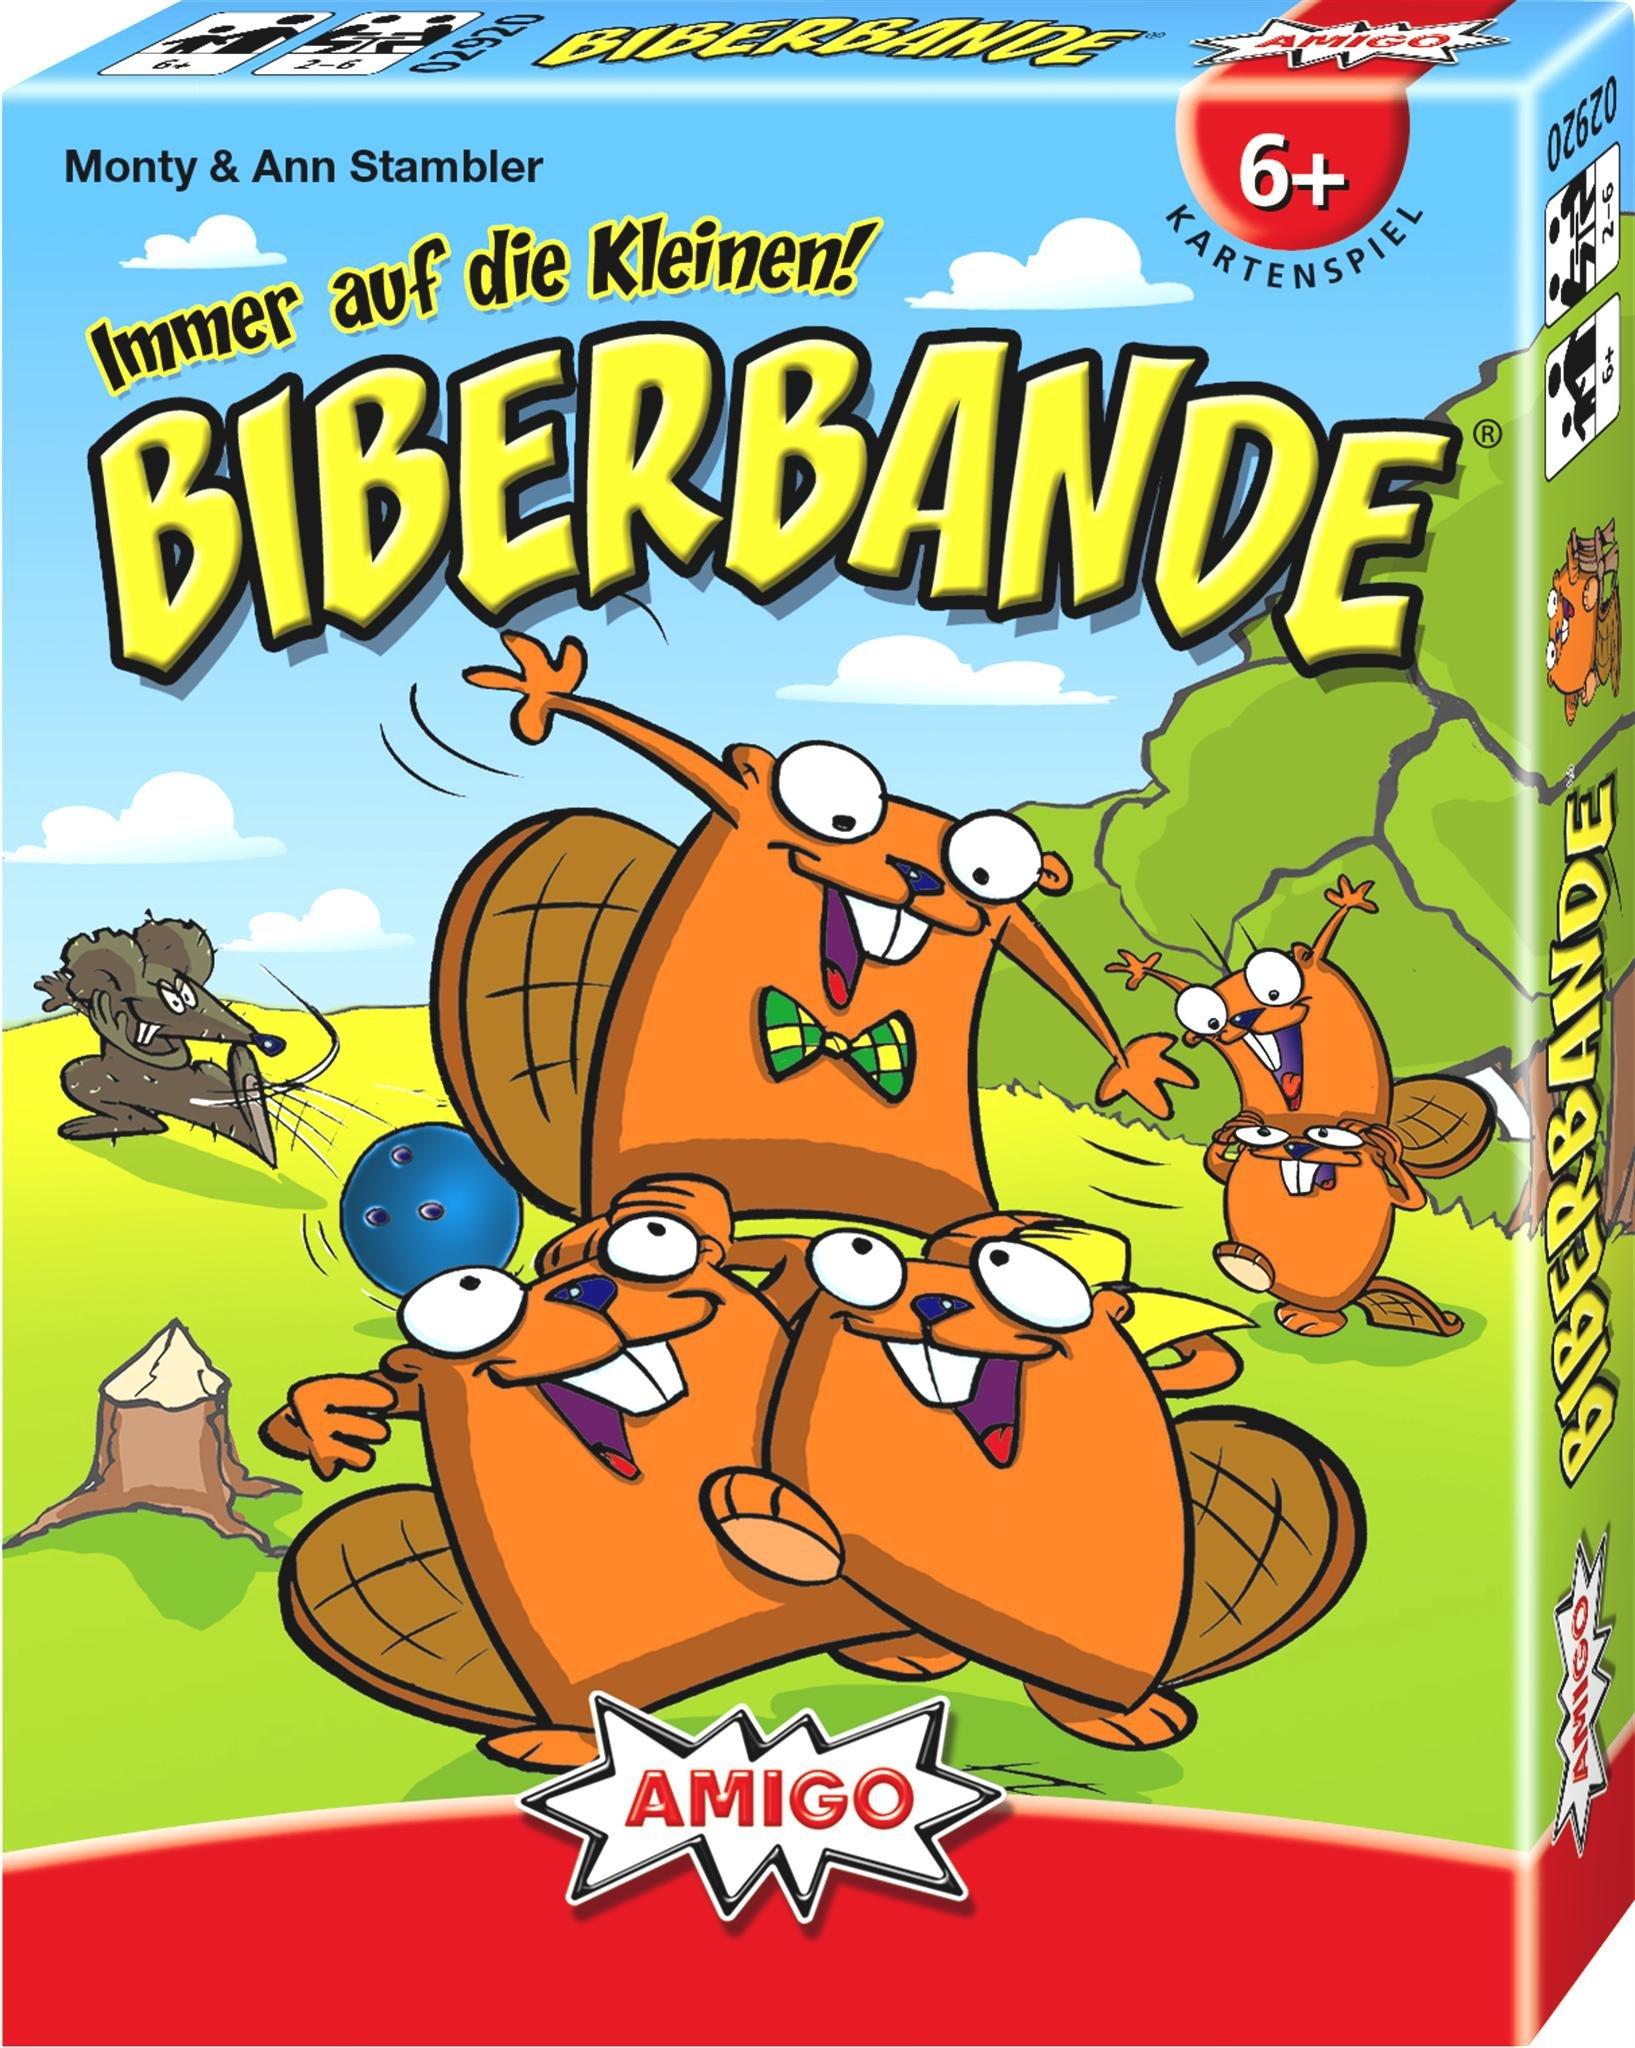 Am besten bewertete Produkte in der Kategorie Kartenspiele - Amazon.de